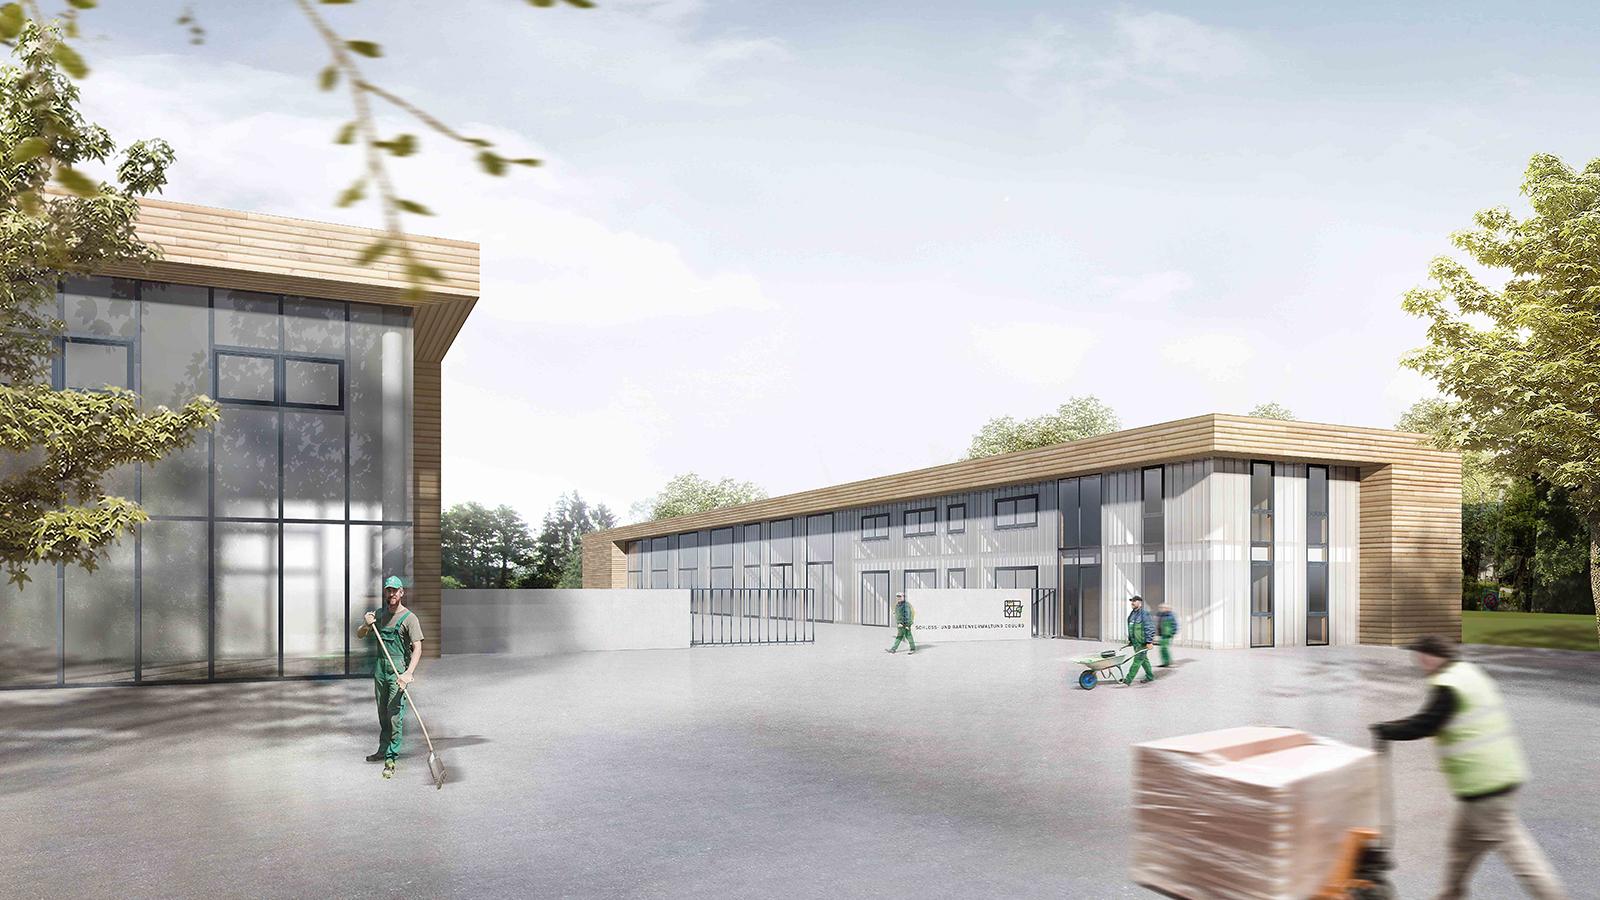 h2m-architekten-bau-und-betriebshof-schloss-rosenau